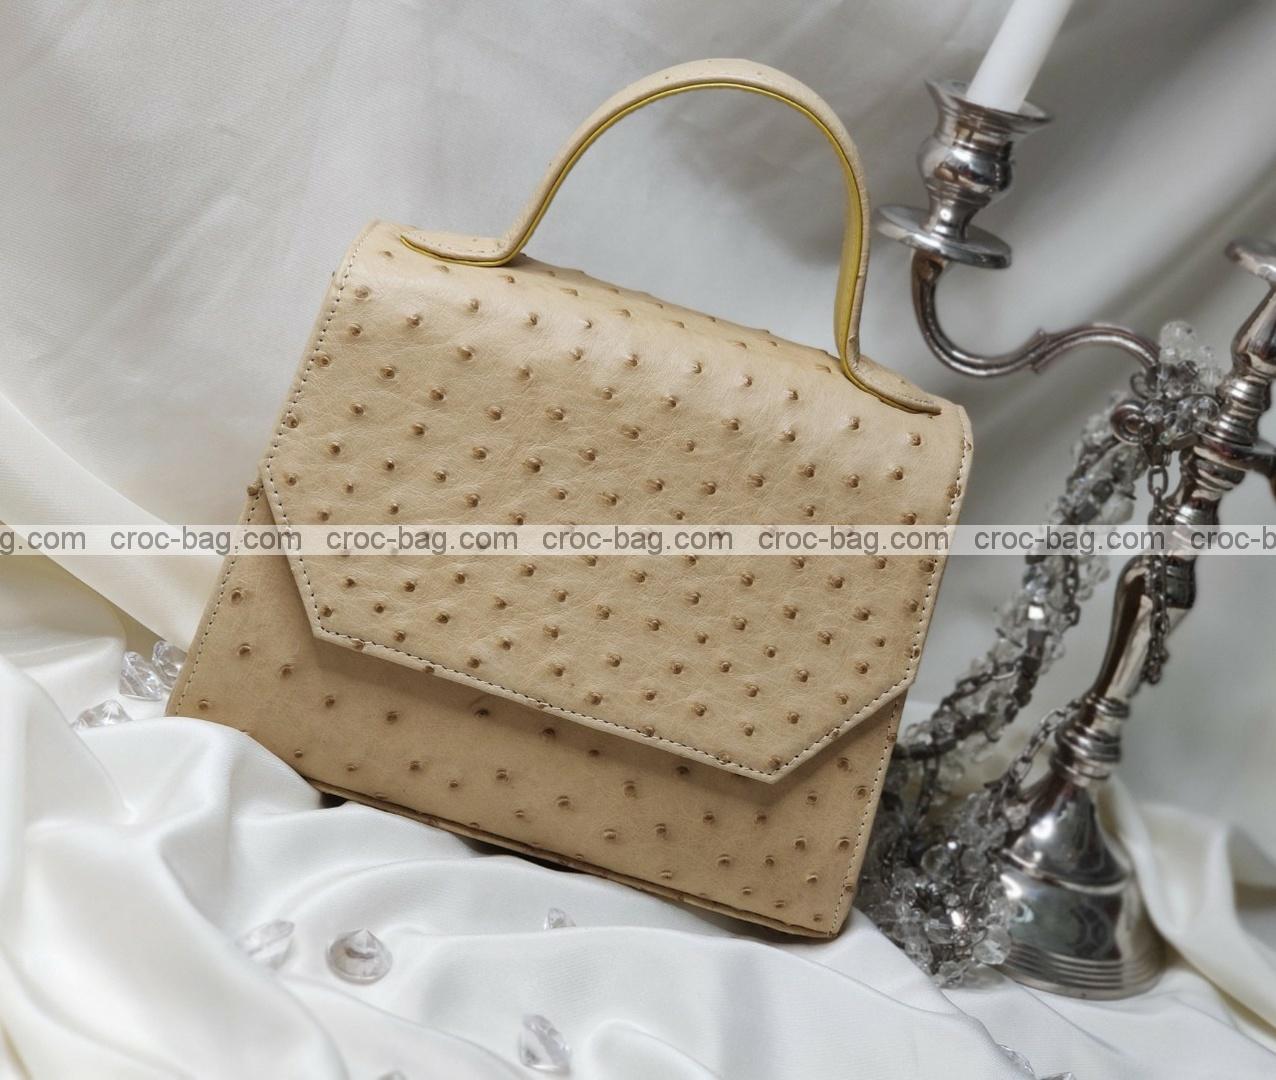 กระเป๋าหนังนกกระจอกเทศหรับผู้หญิง 5285